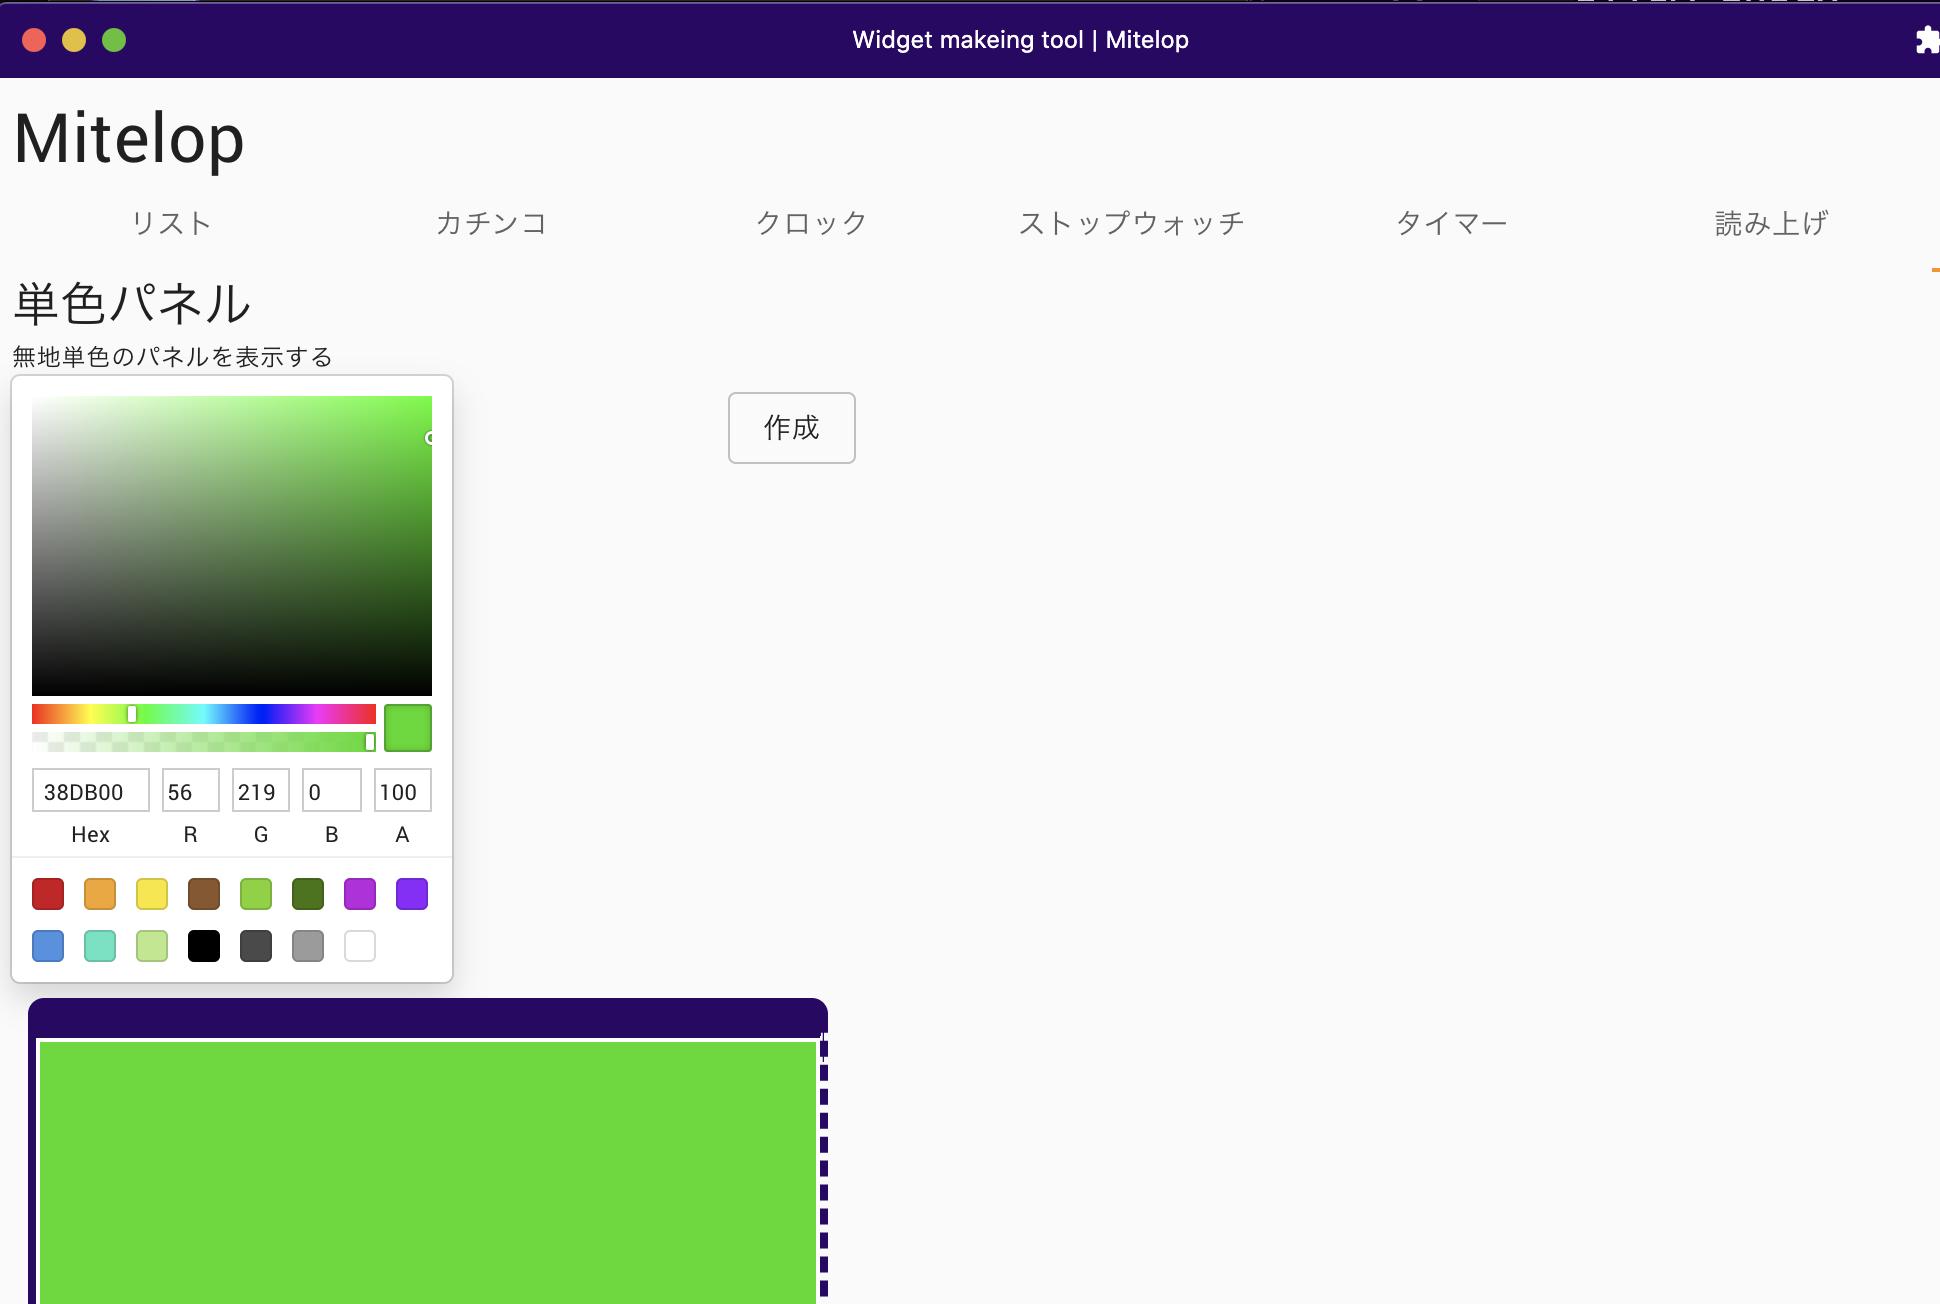 Mitelop カラーパネル作成